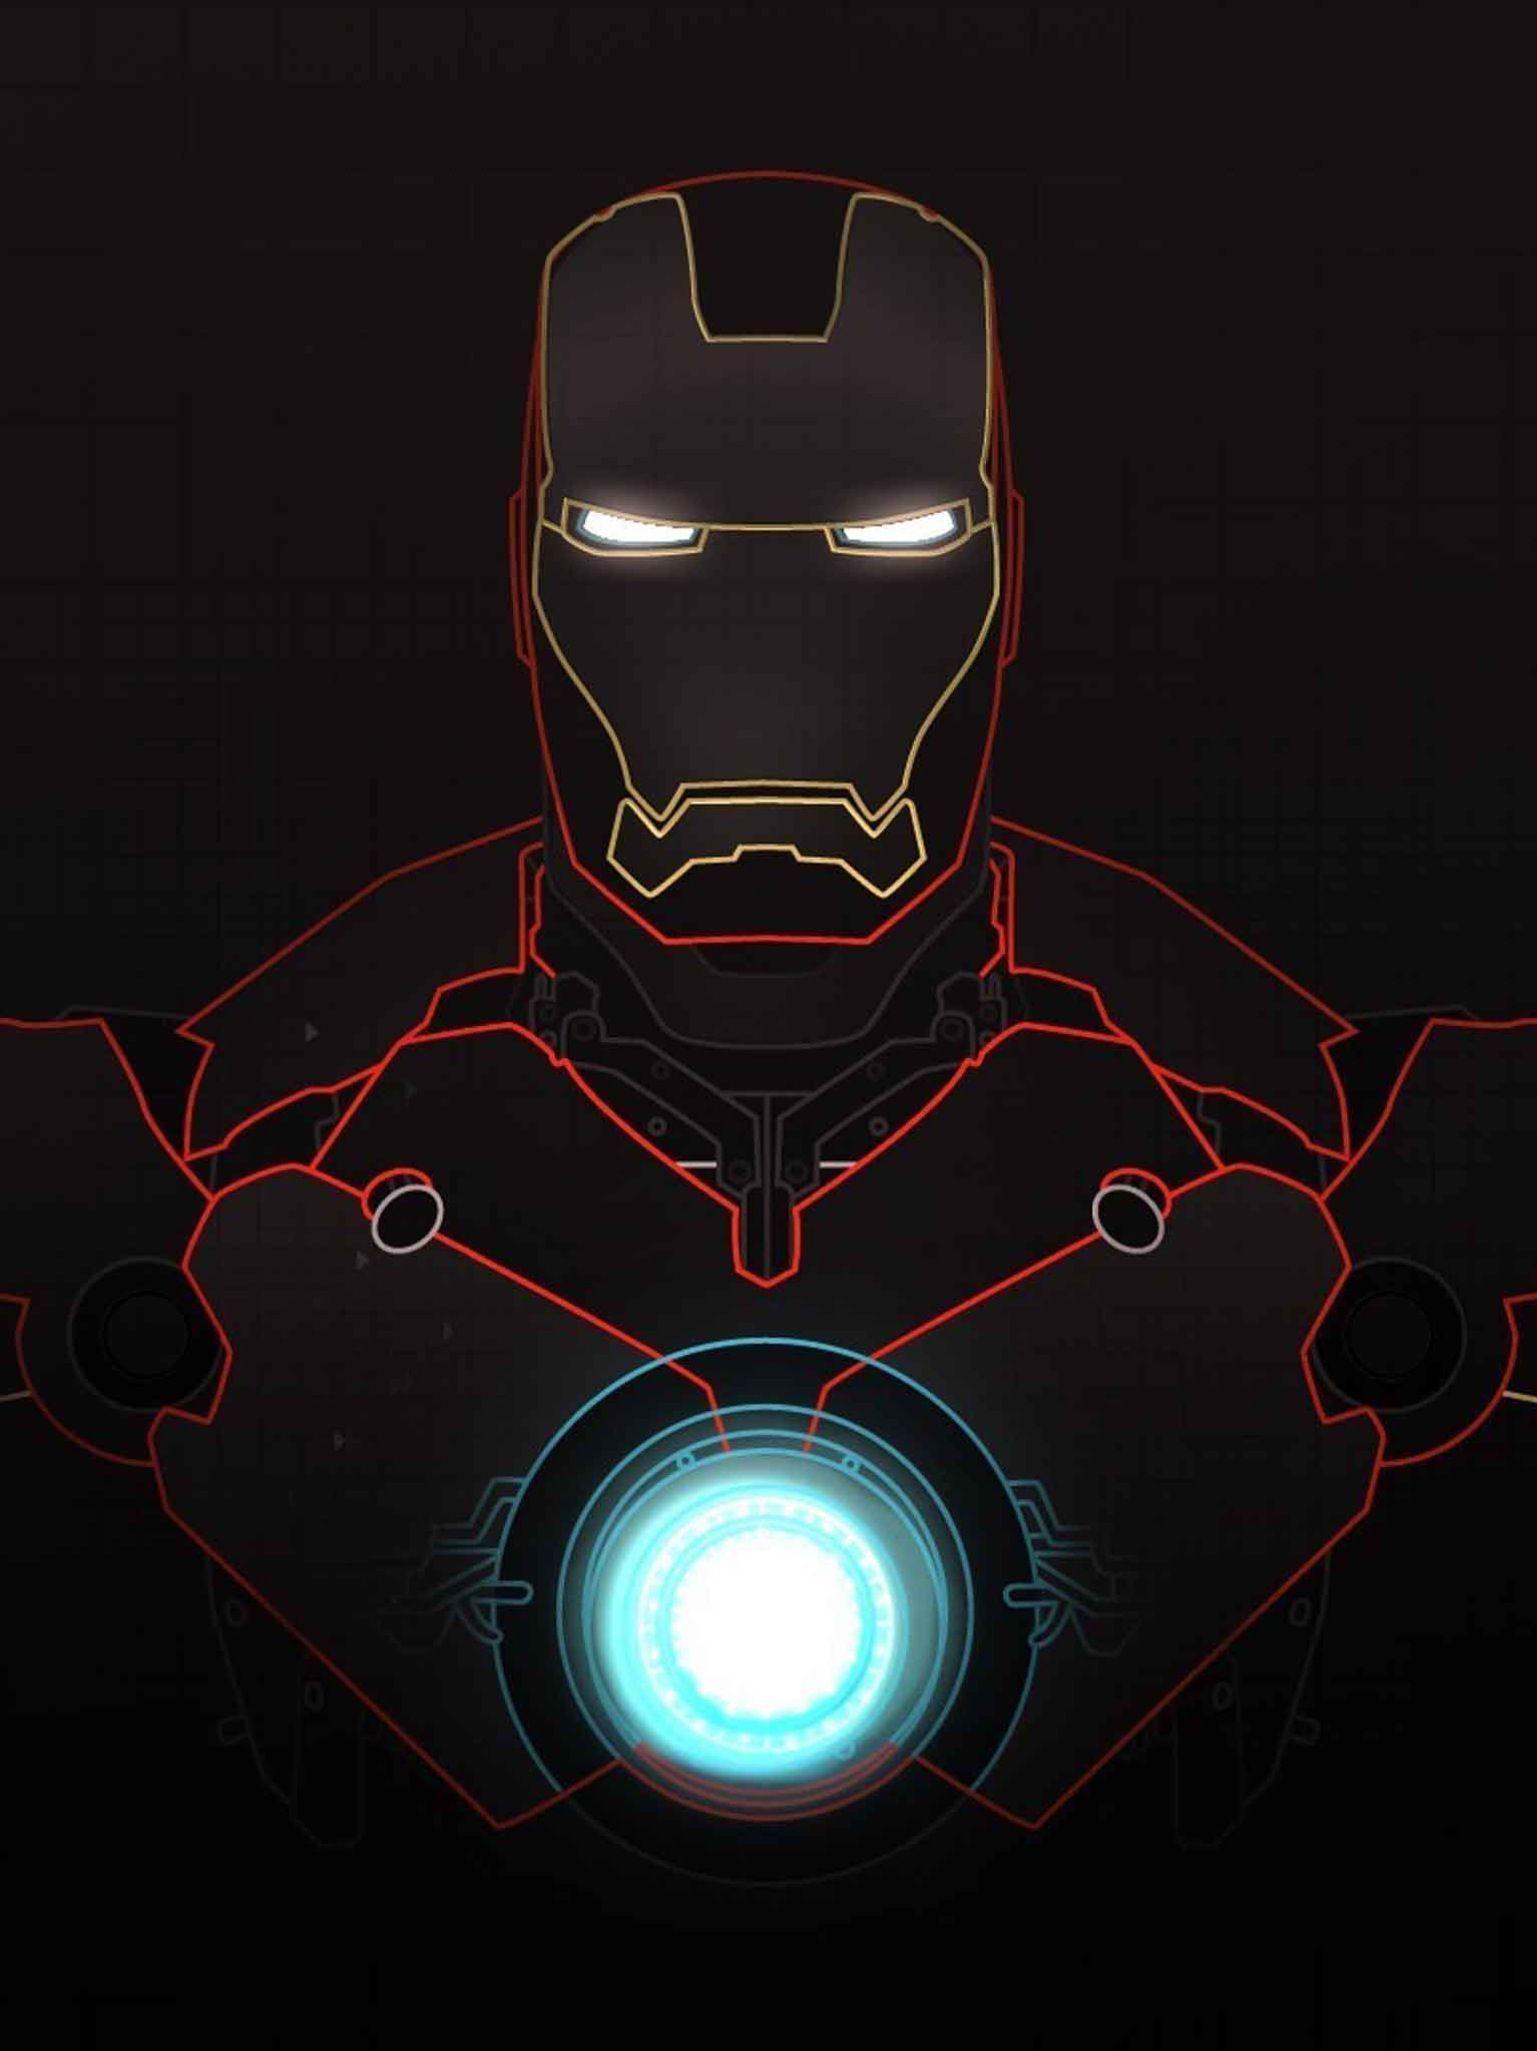 Cool Iron Man Wallpapers Top Free Cool Iron Man